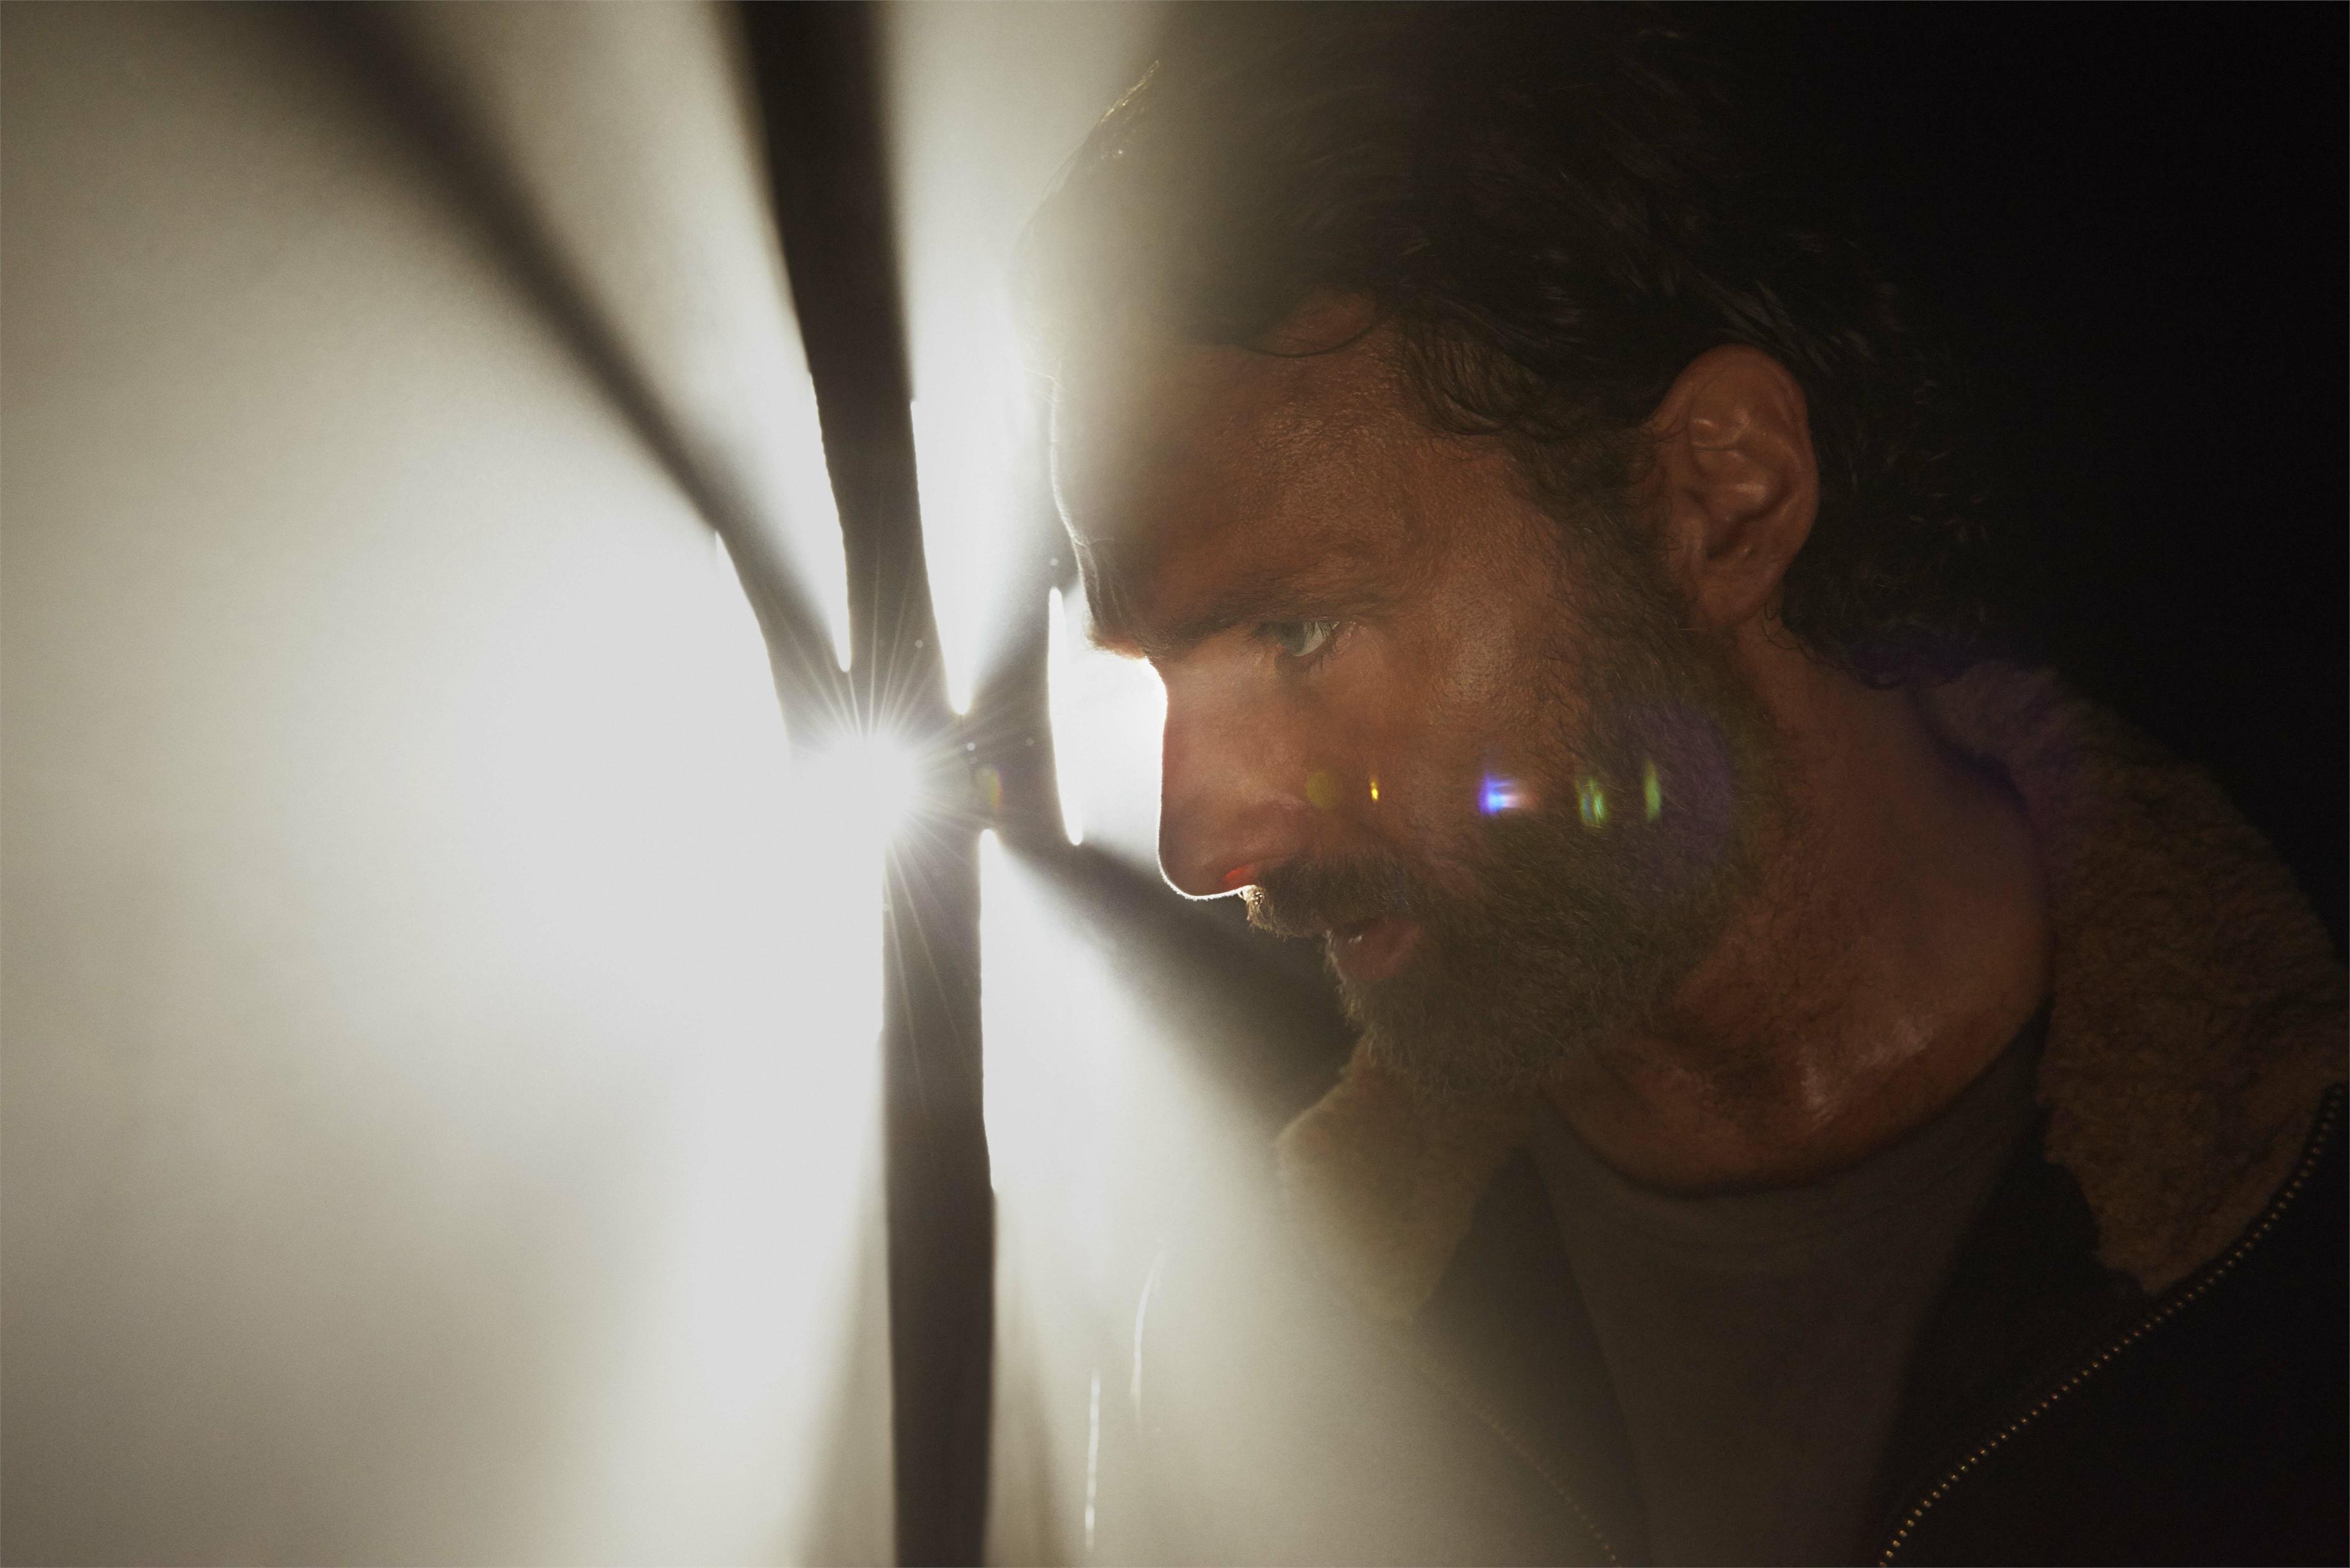 Rick-Grimes-The-Walking-Dead-5-Temporada-Personagens-HQ-004